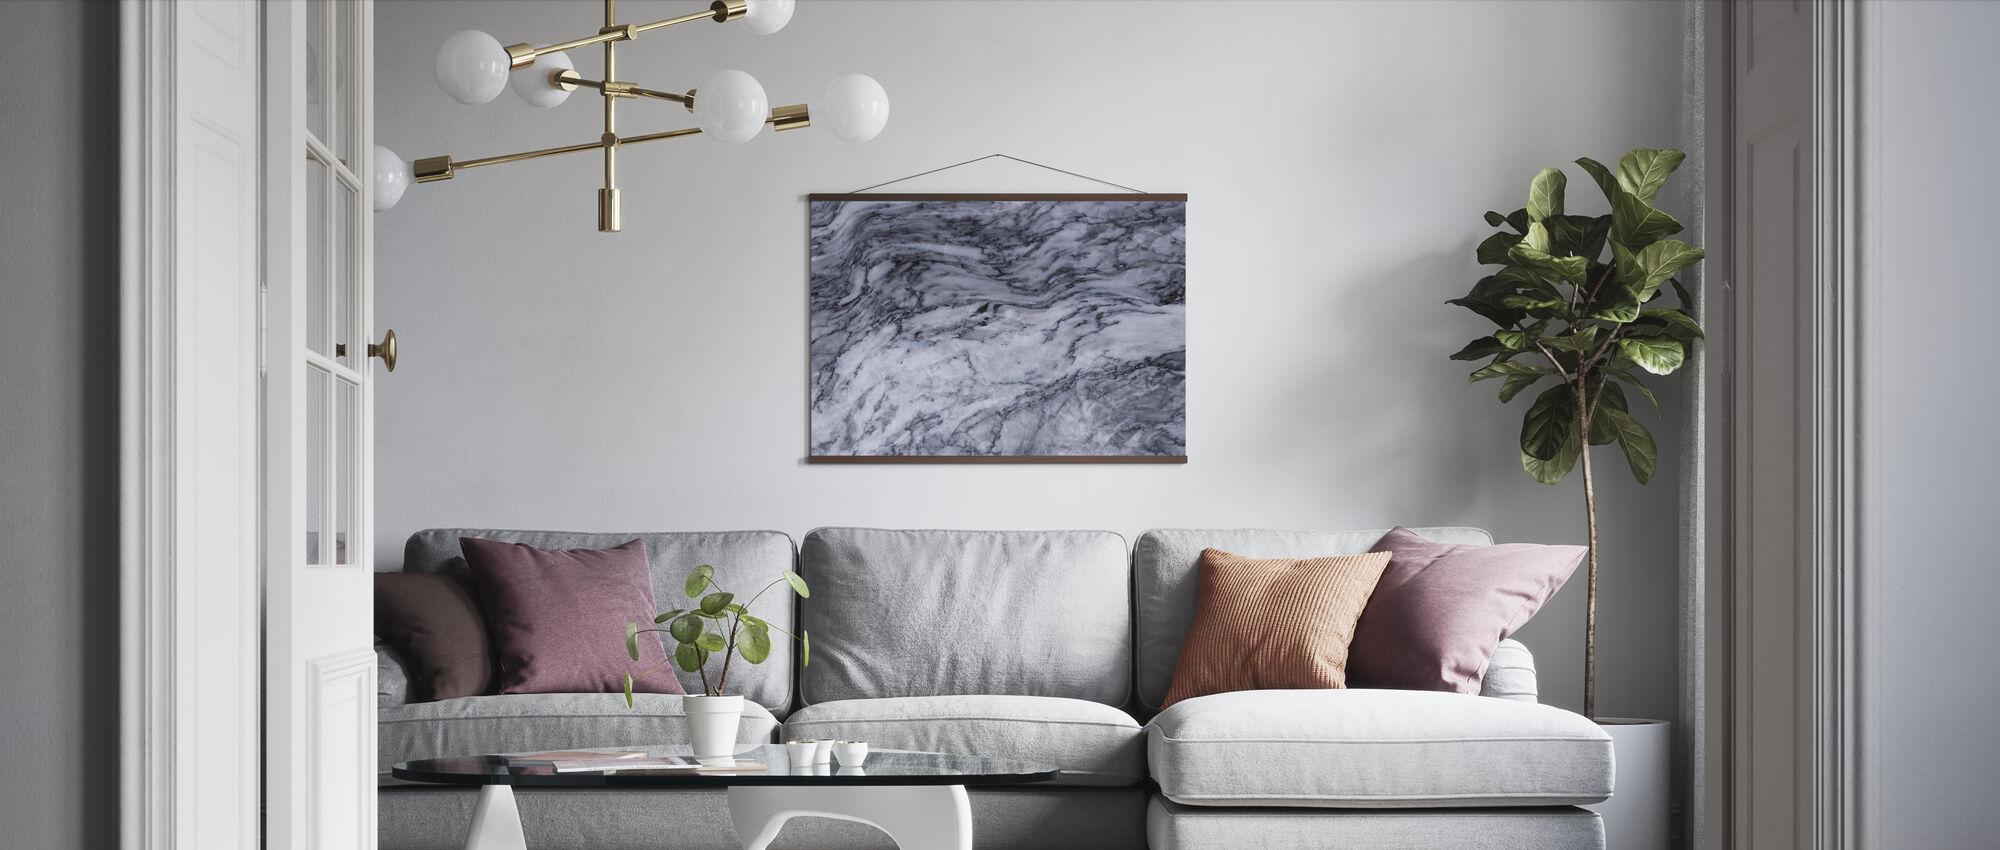 Sileä marmori lähietäisyydeltä - Juliste - Olohuone